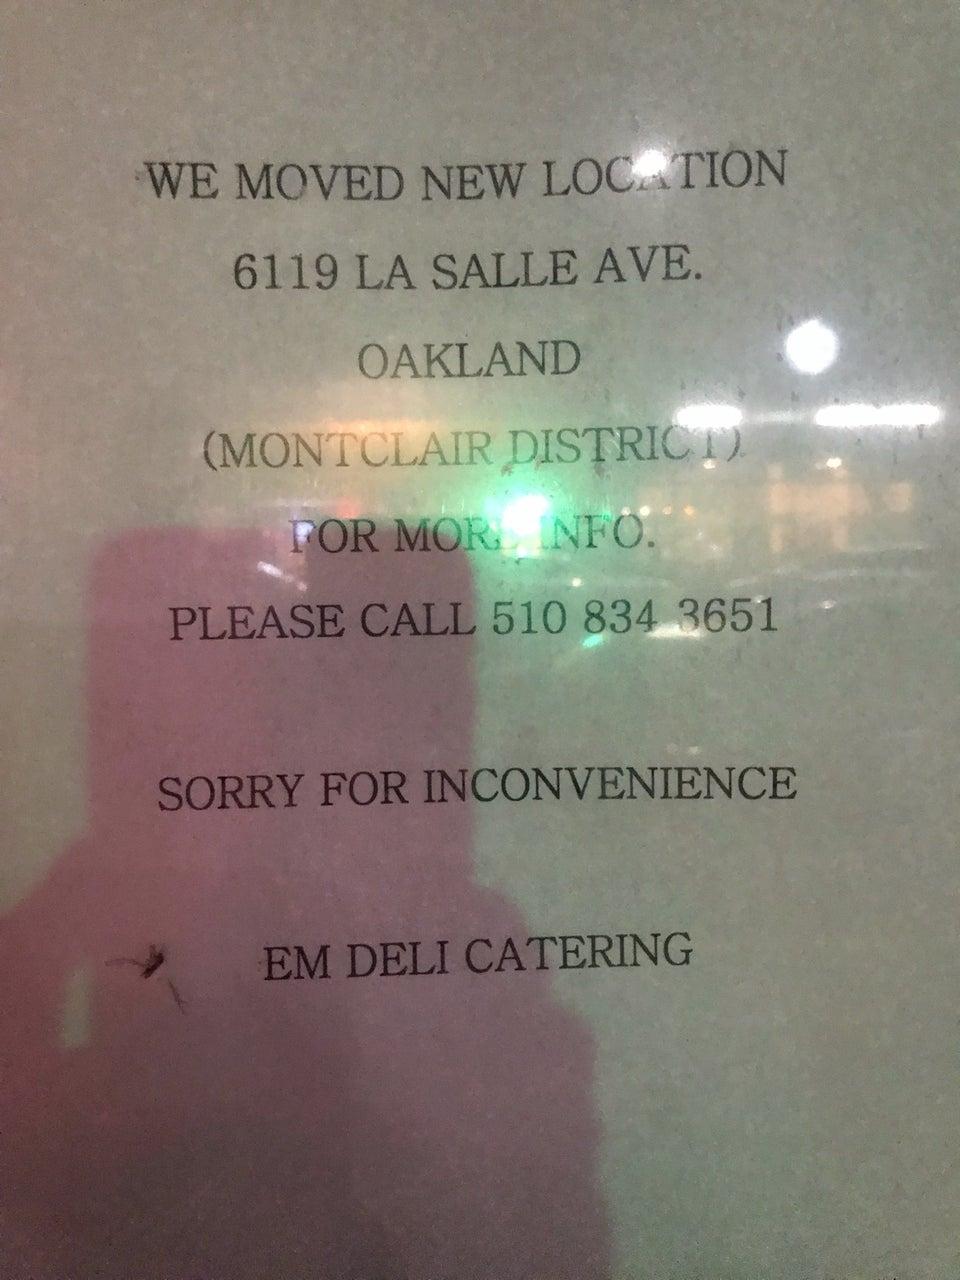 EM Deli Catering 6119 La Salle Ave, Oakland